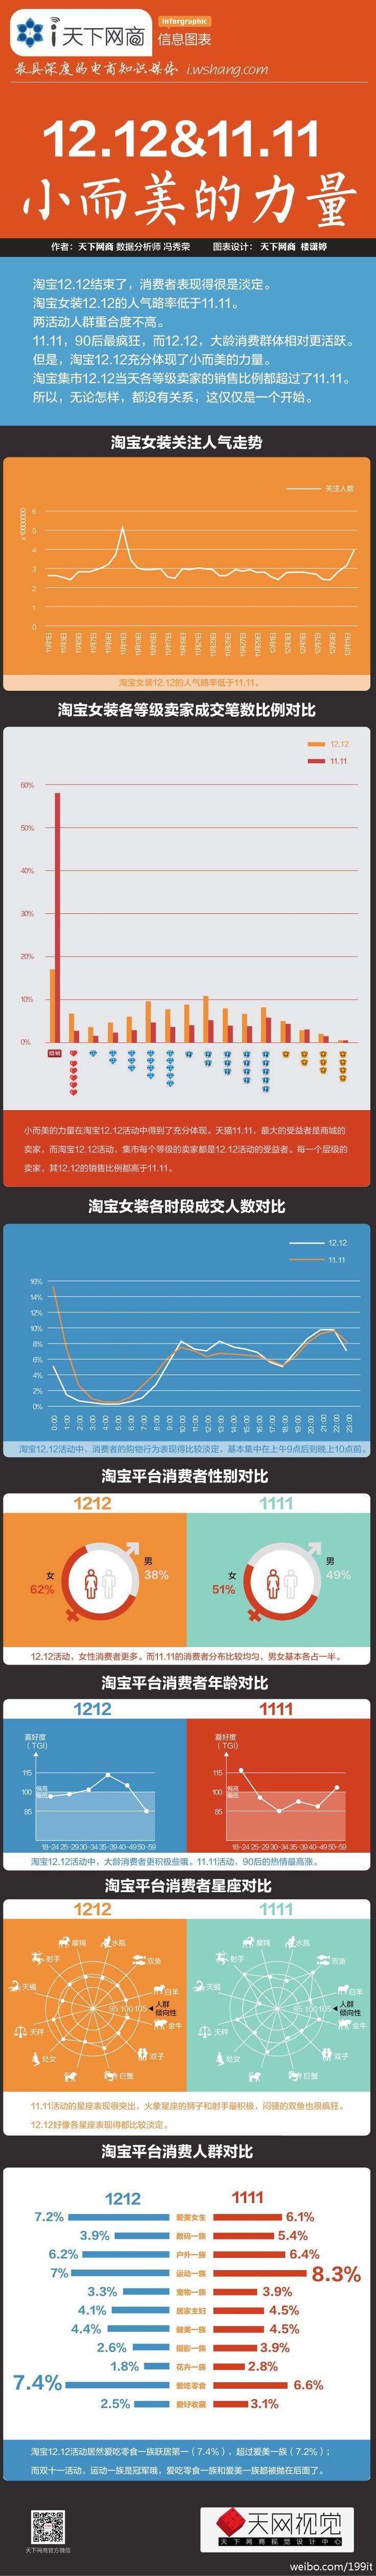 2012년 중국 온라인 쇼핑 산업 분석 인포그래픽